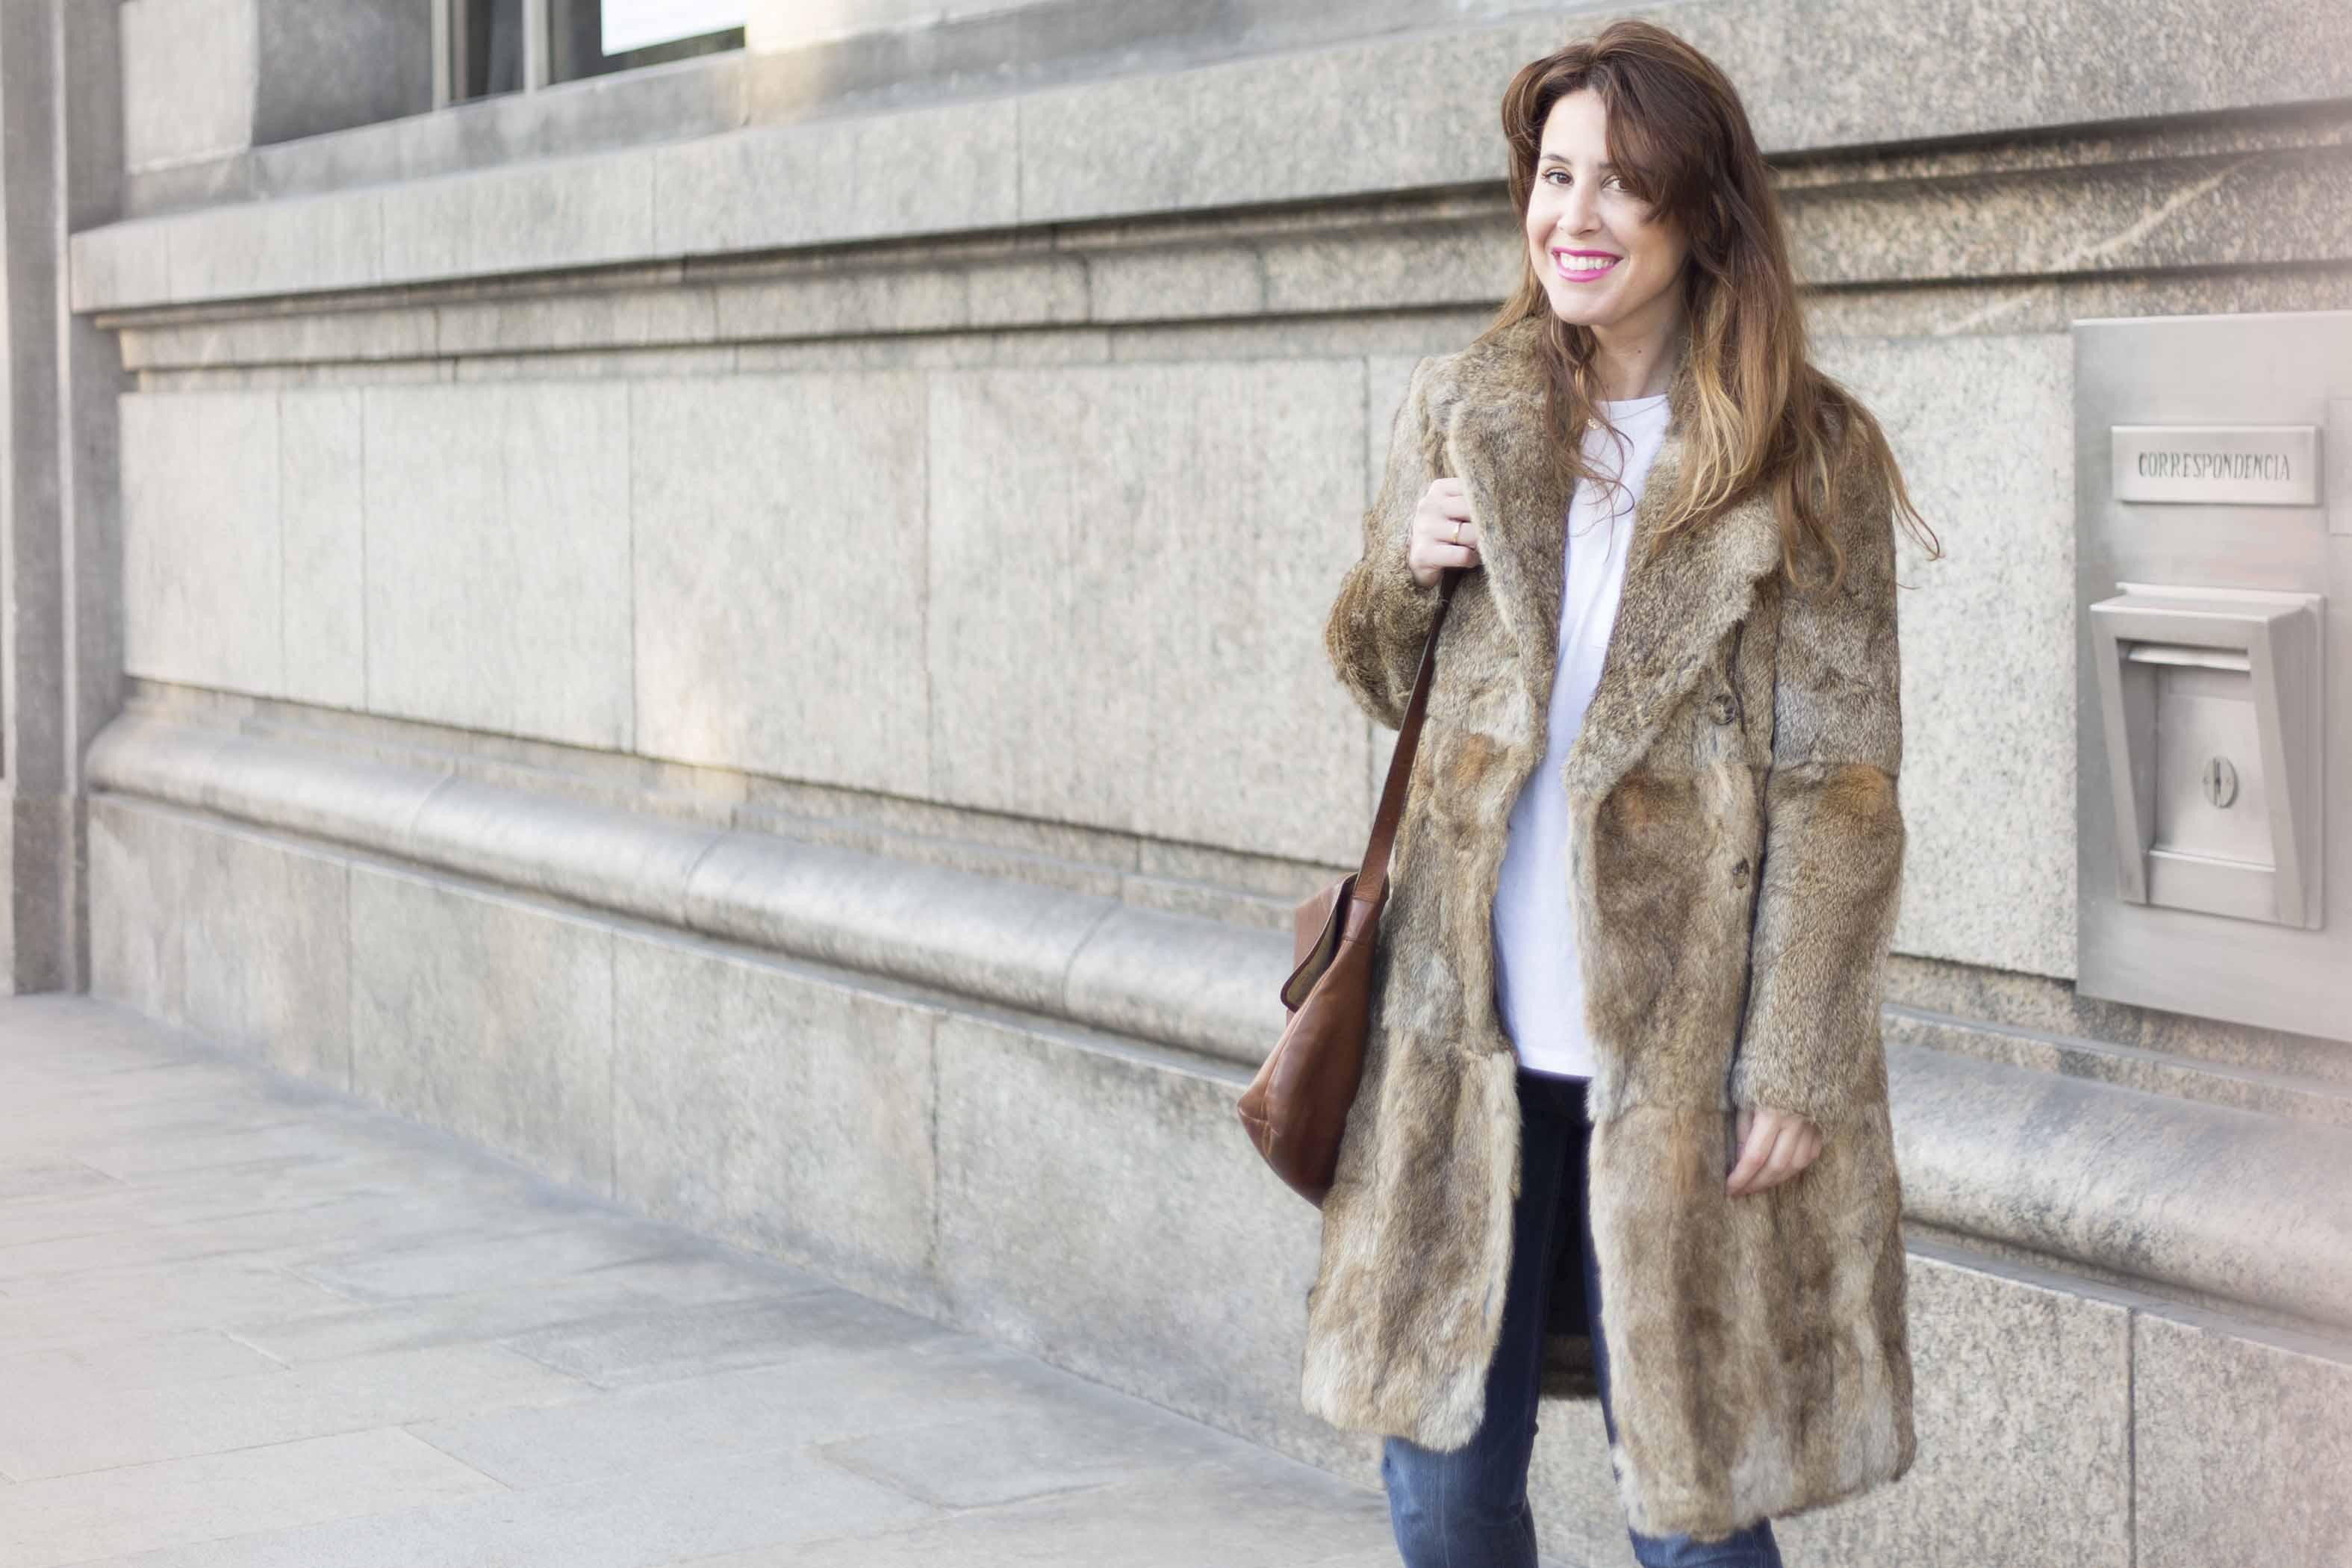 blogger-merrycoat-descalzaporelparque-SANDRO-Paris-abrigo-pelo-streetstyle-coruña-fashion